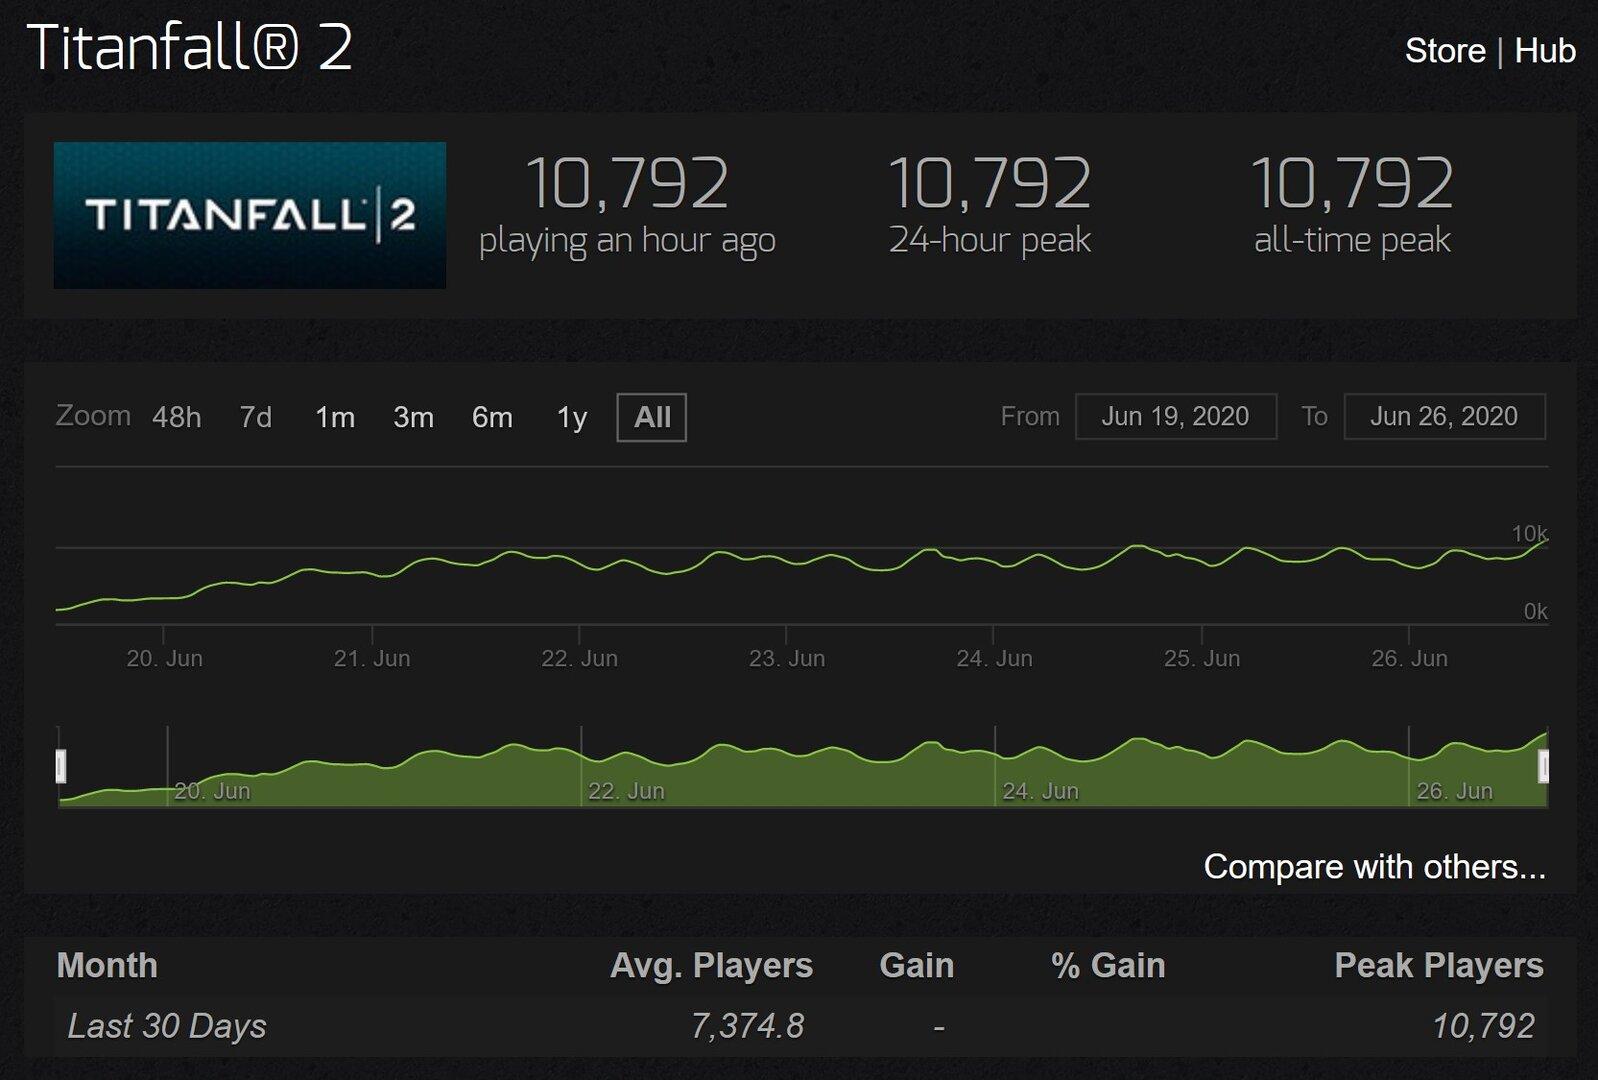 Die Spielerzahlen von Titanfall 2